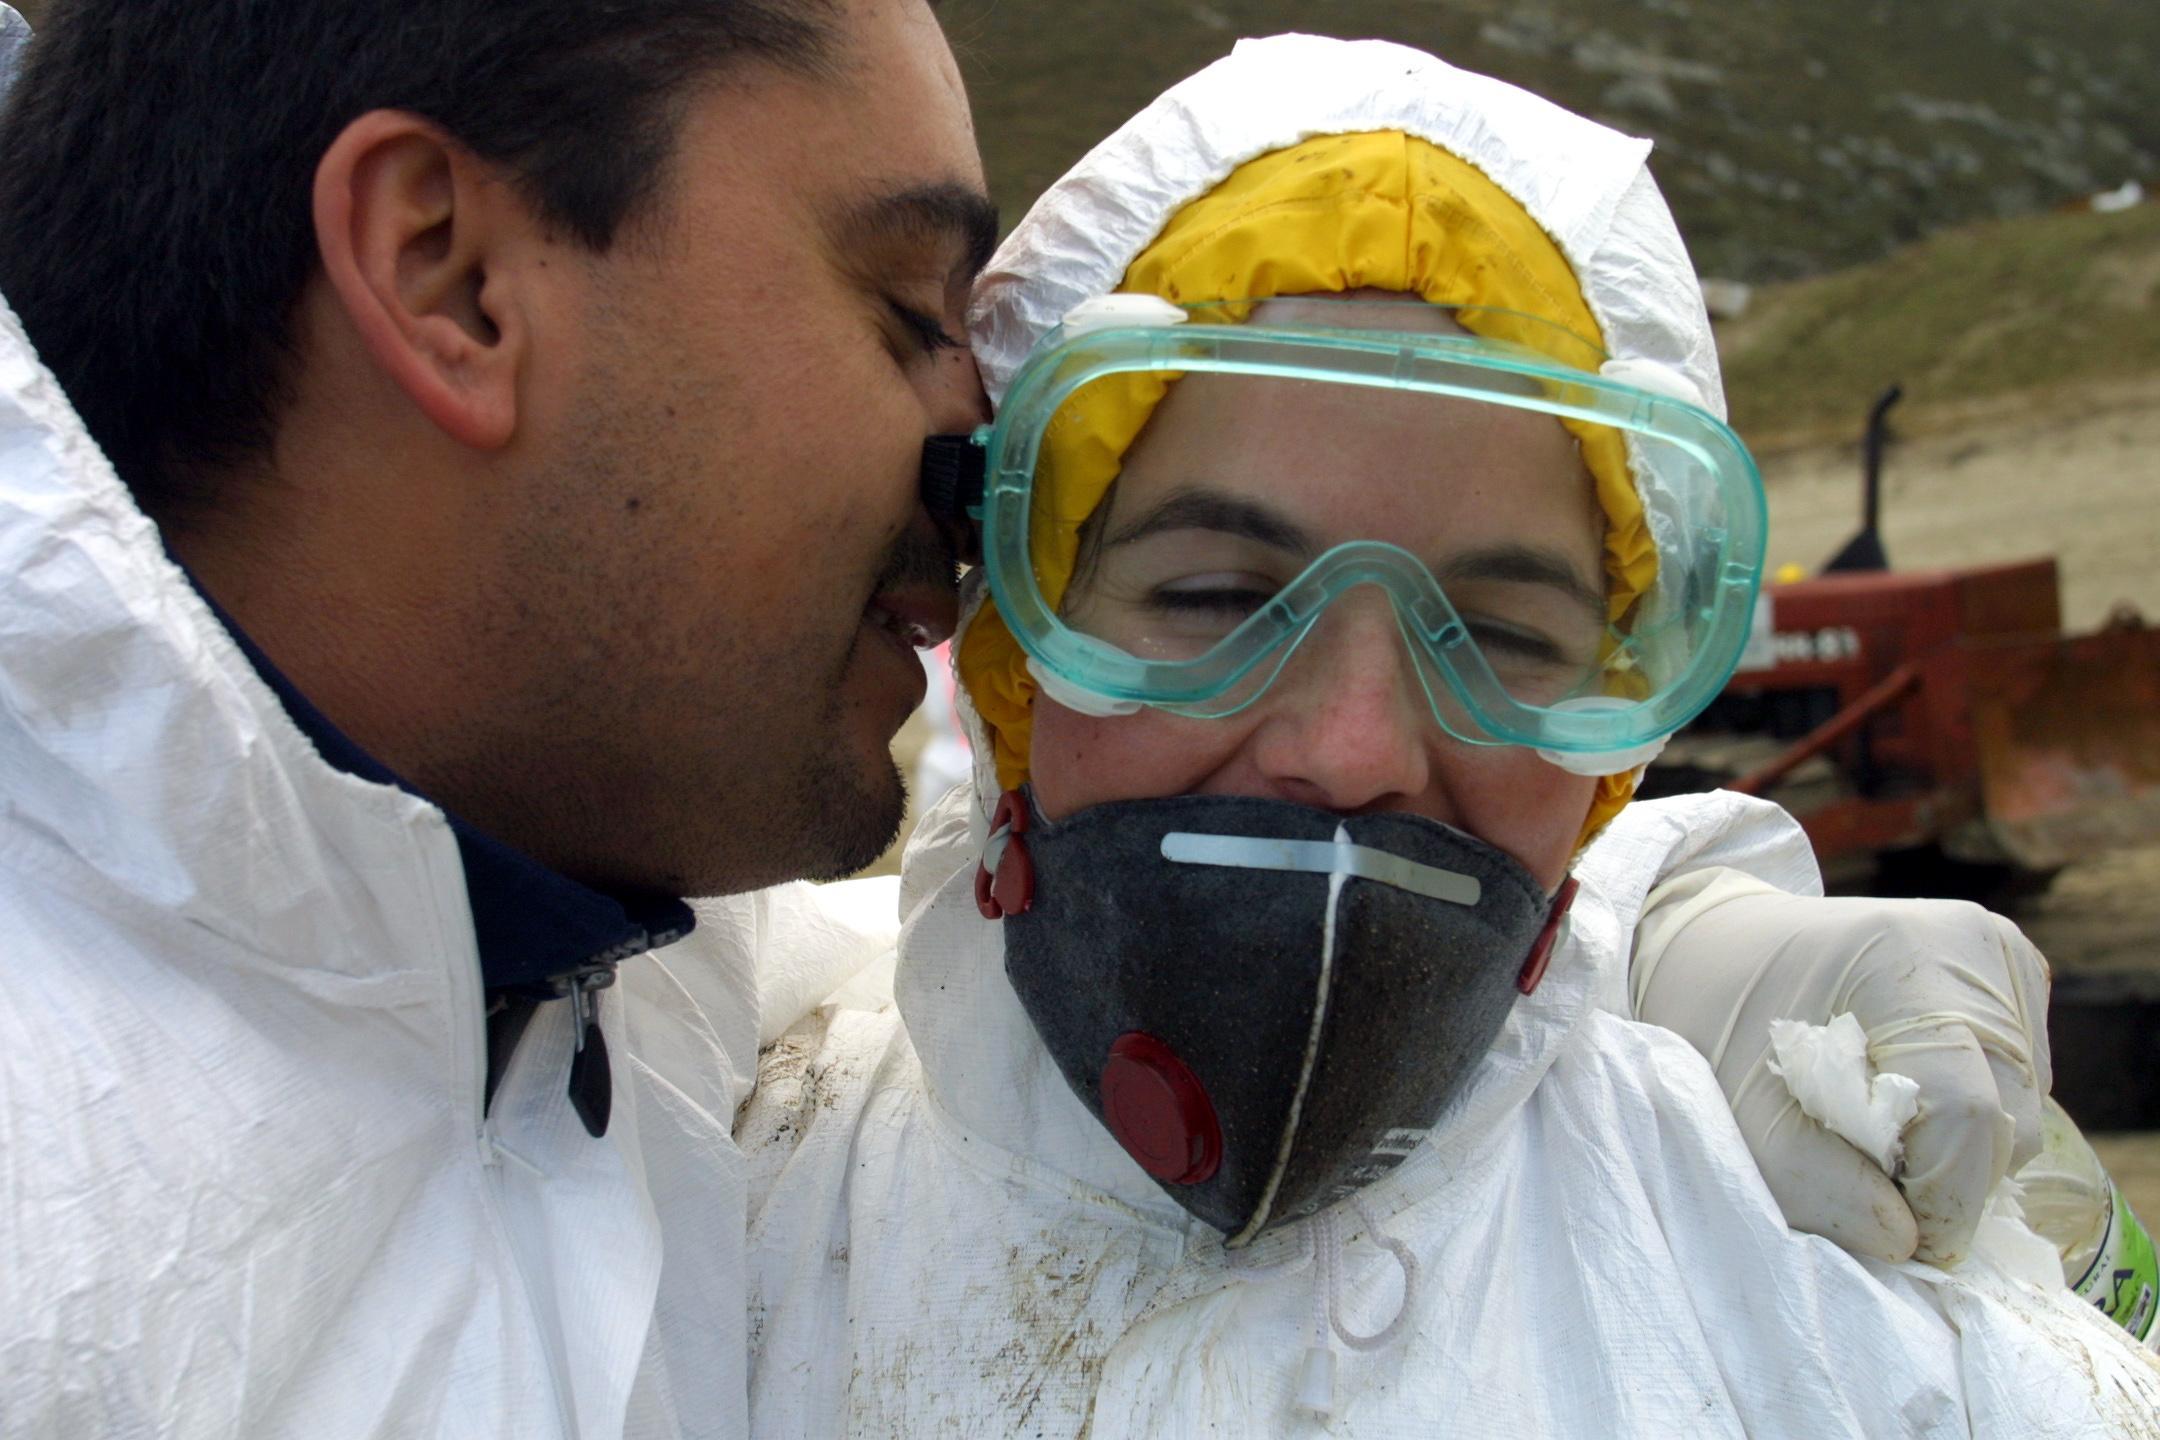 Un voluntario besa a una compañera en Laxe. <br><b>José Manuel Casal</b>